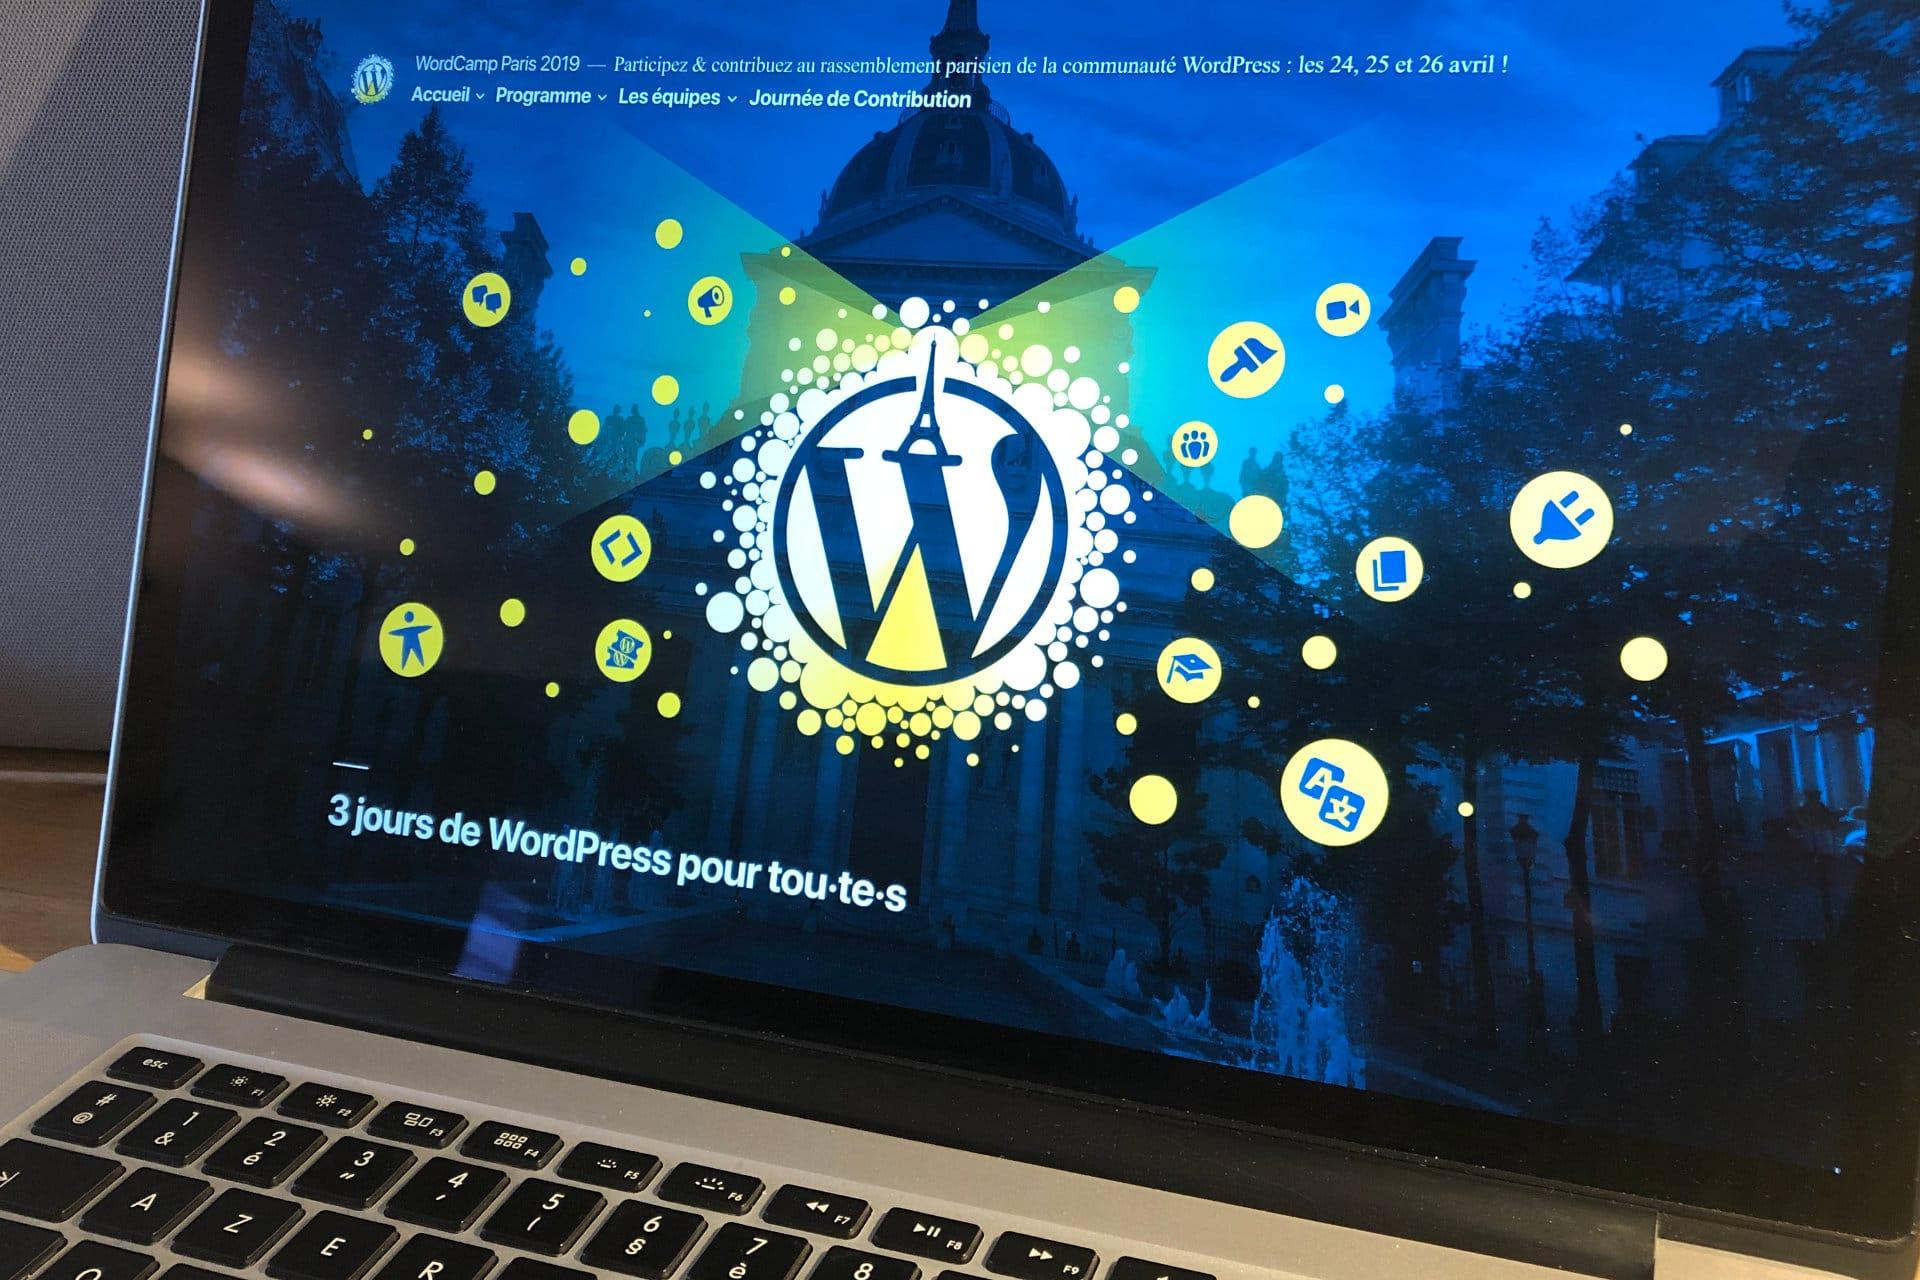 site wordcamp paris 2019